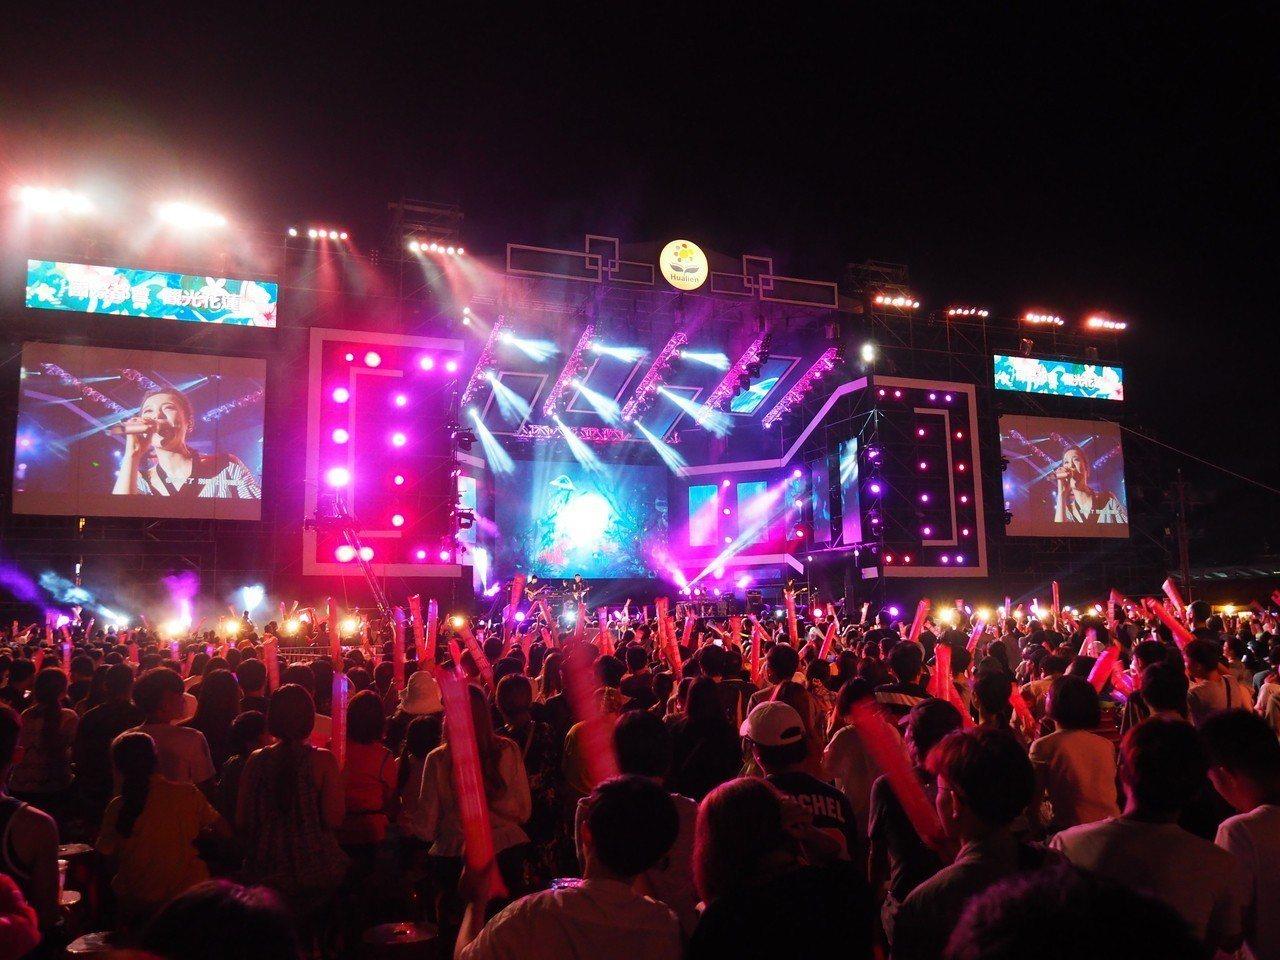 花蓮夏戀嘉年華每年邀請多組巨星、藝人到花蓮表演,是夏天旗艦型活動。圖/縣府提供